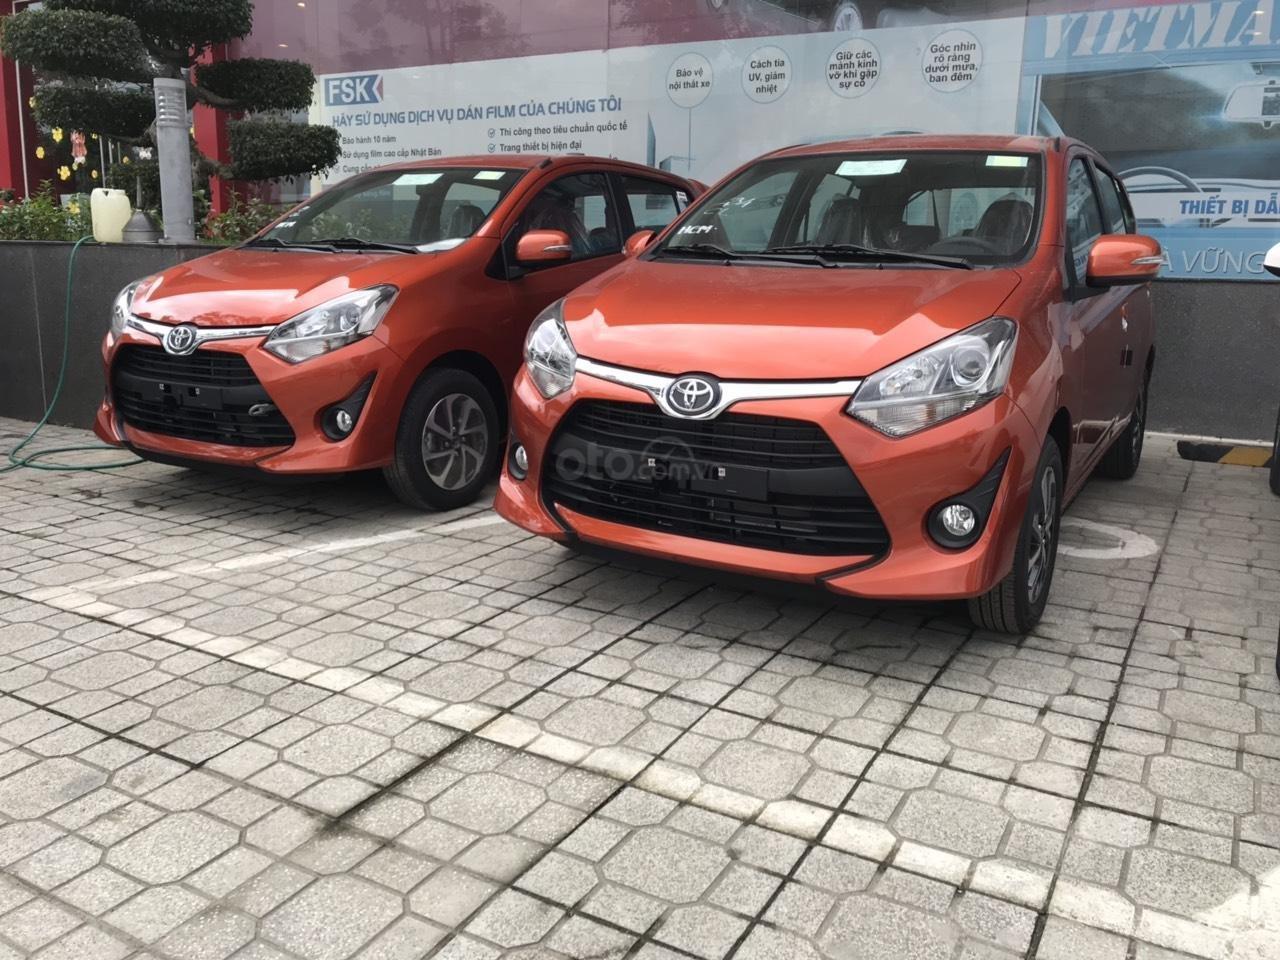 Bán xe Toyota Wigo 1.2MT năm 2019, xe nhập khẩu/ khuyến mãi lớn (5)